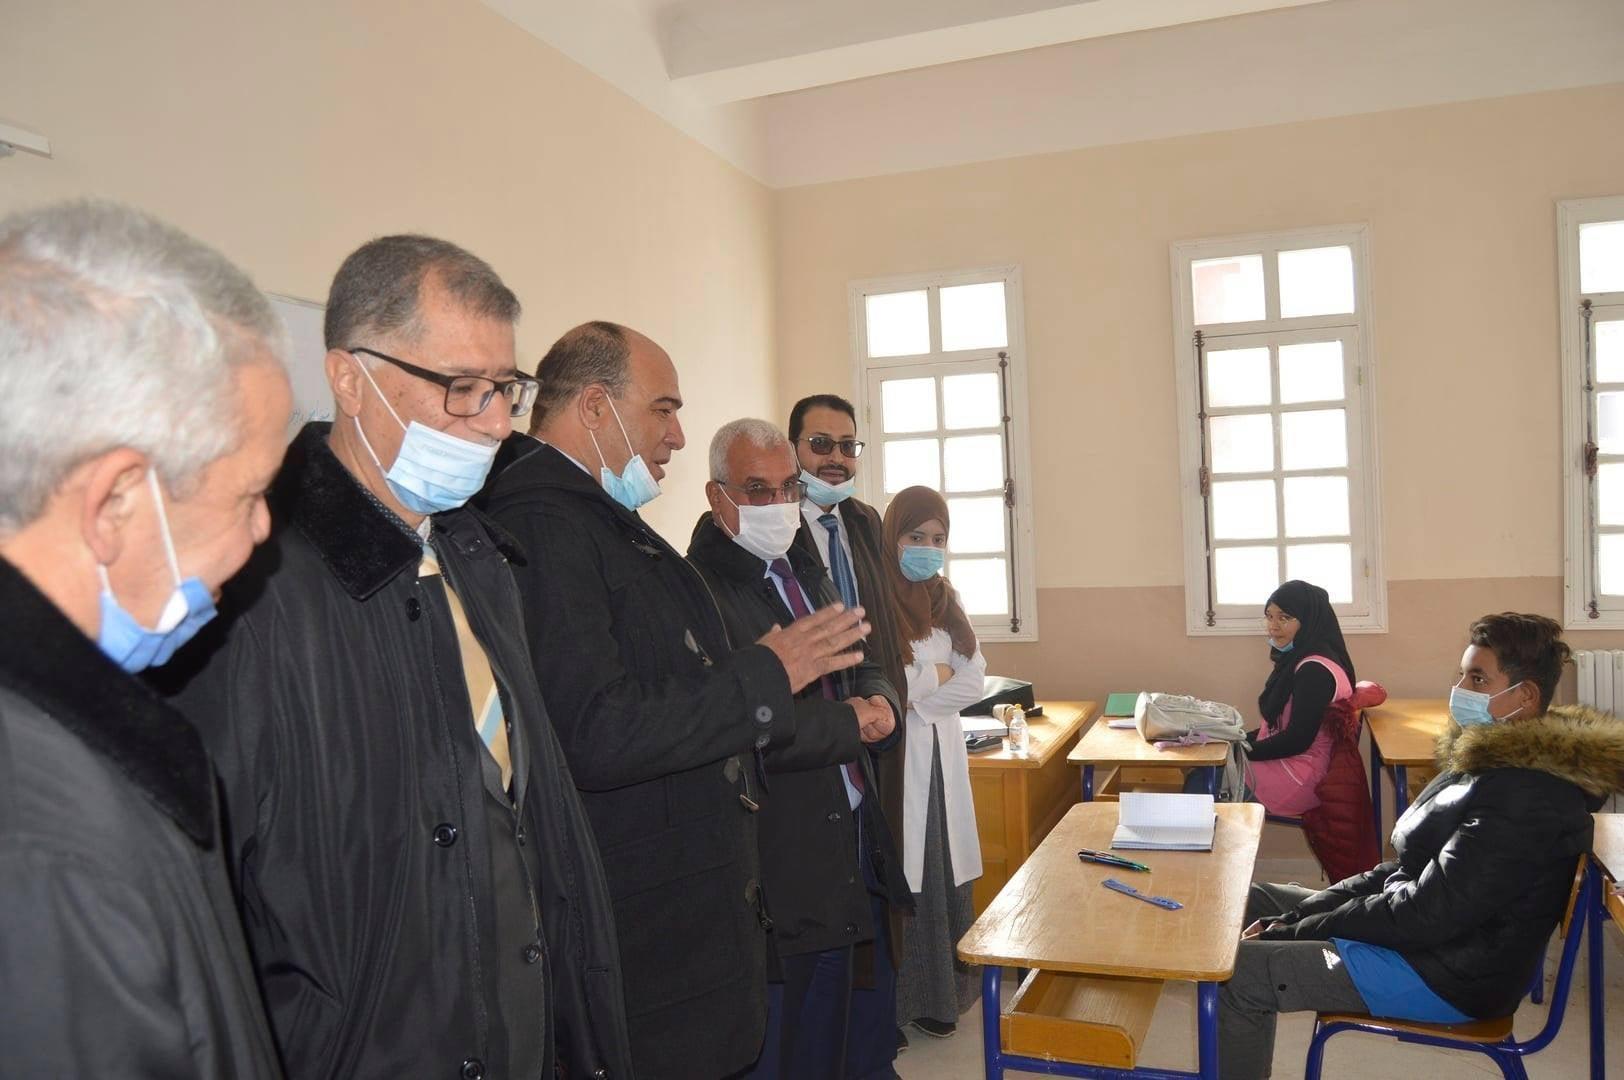 مدير التربية السيد حليم بن شريف  رفقة السيد الوالي و الامين العام للولاية  بالمتوسطة الجديدة حي عدل خنشلة